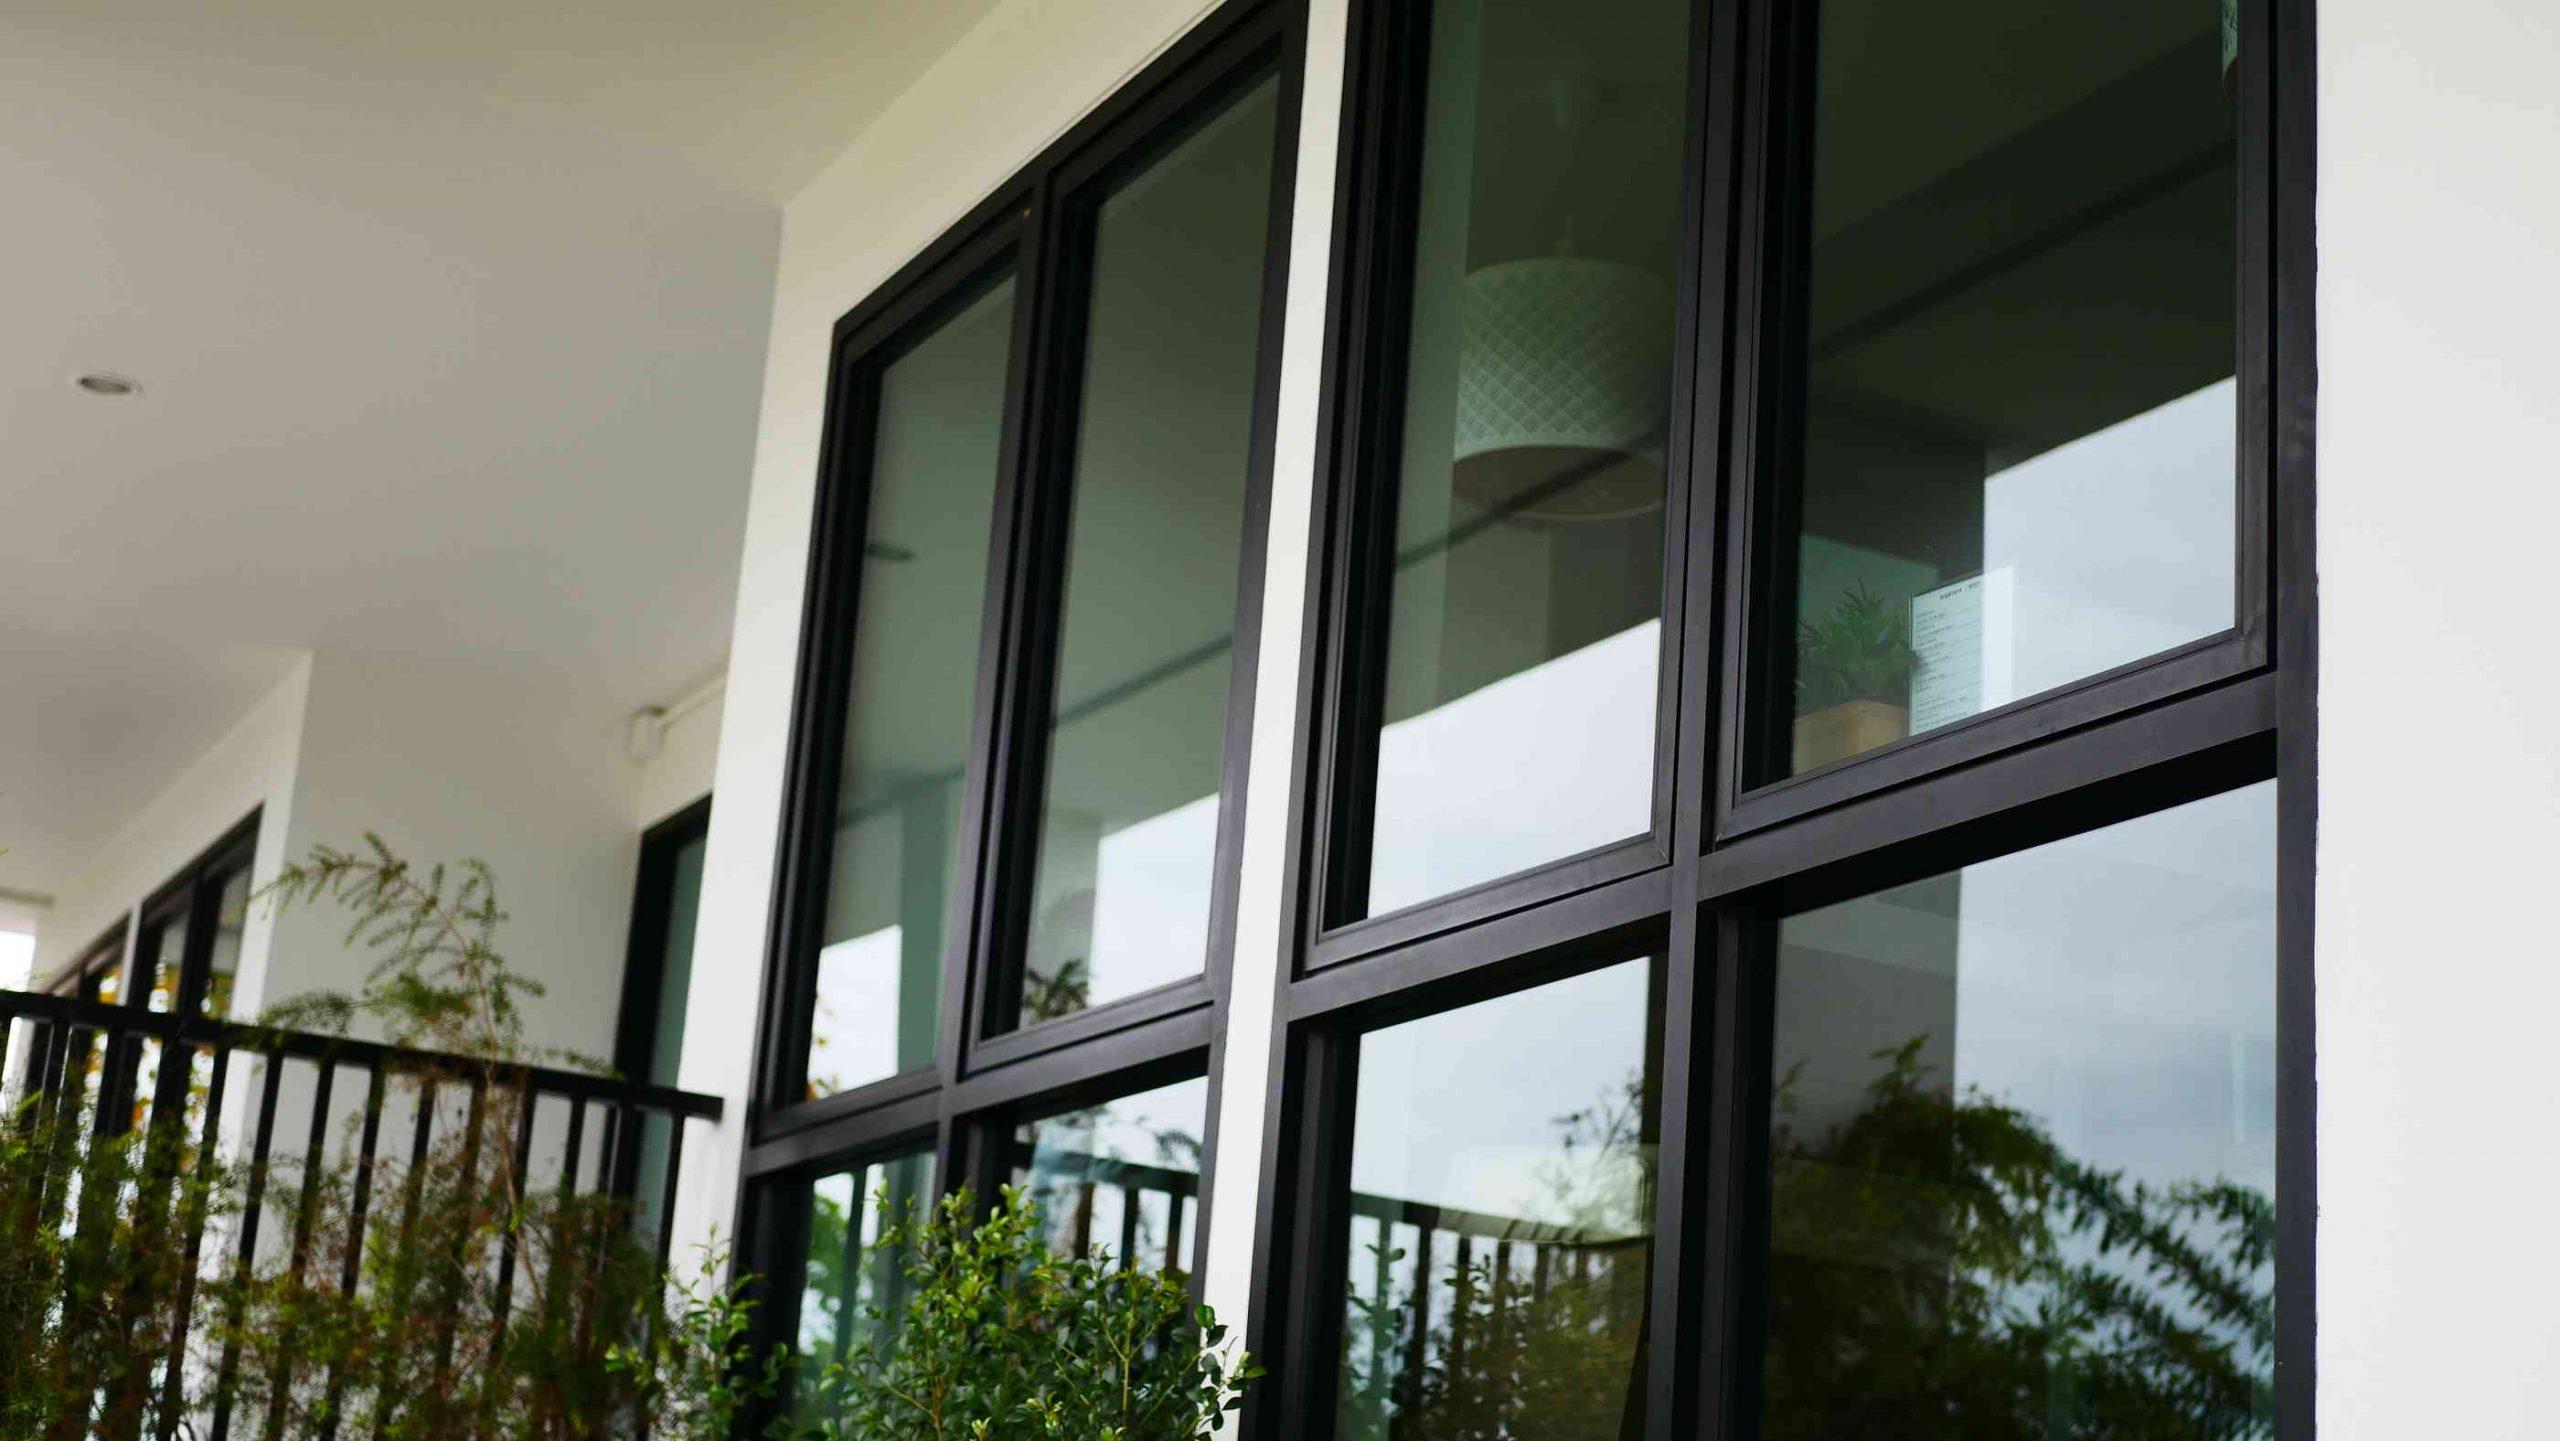 Full Size of Fenster Welten Gmbh Frankfurt Oder Fensterwelten 24 Erfahrungen Polnische Bewertung Holz Putzen Klebefolie Sichtschutzfolie Einseitig Durchsichtig Alarmanlage Fenster Fenster Welten